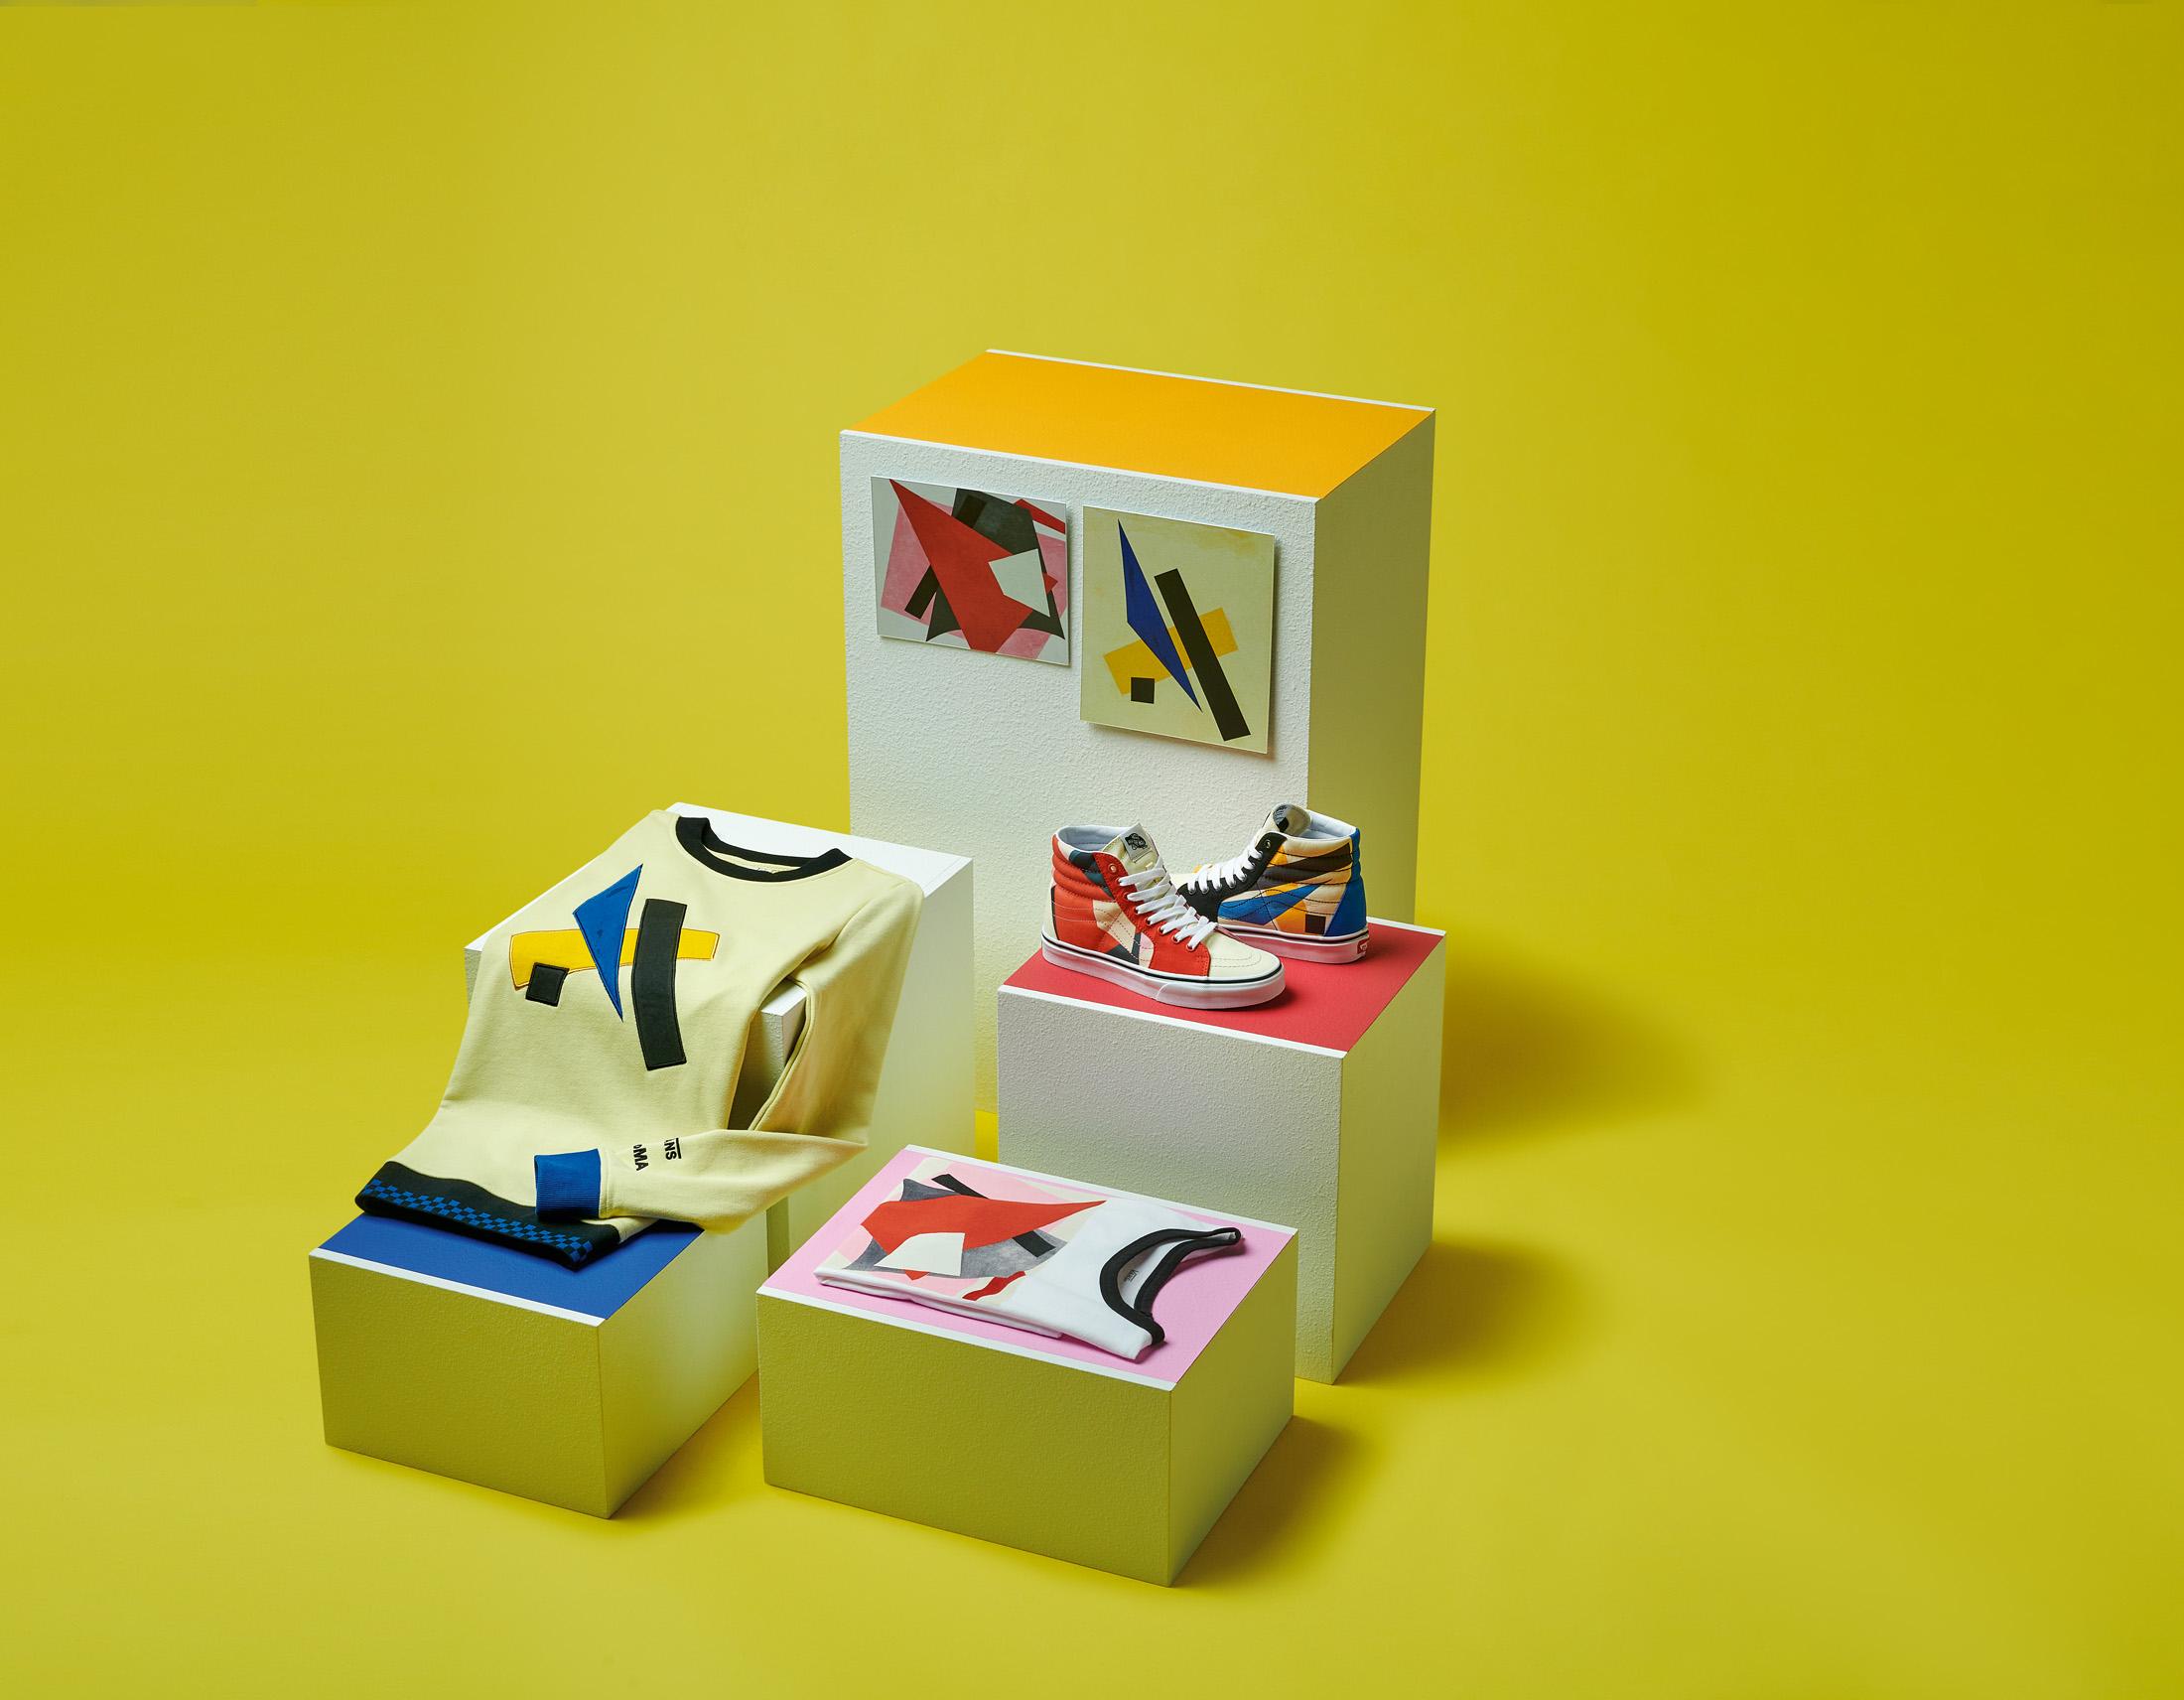 モマ ヴァンズ バンズ コラボ コレクション 限定 第 2弾 MoMA Vans Collaboration Collection Part 2 release item